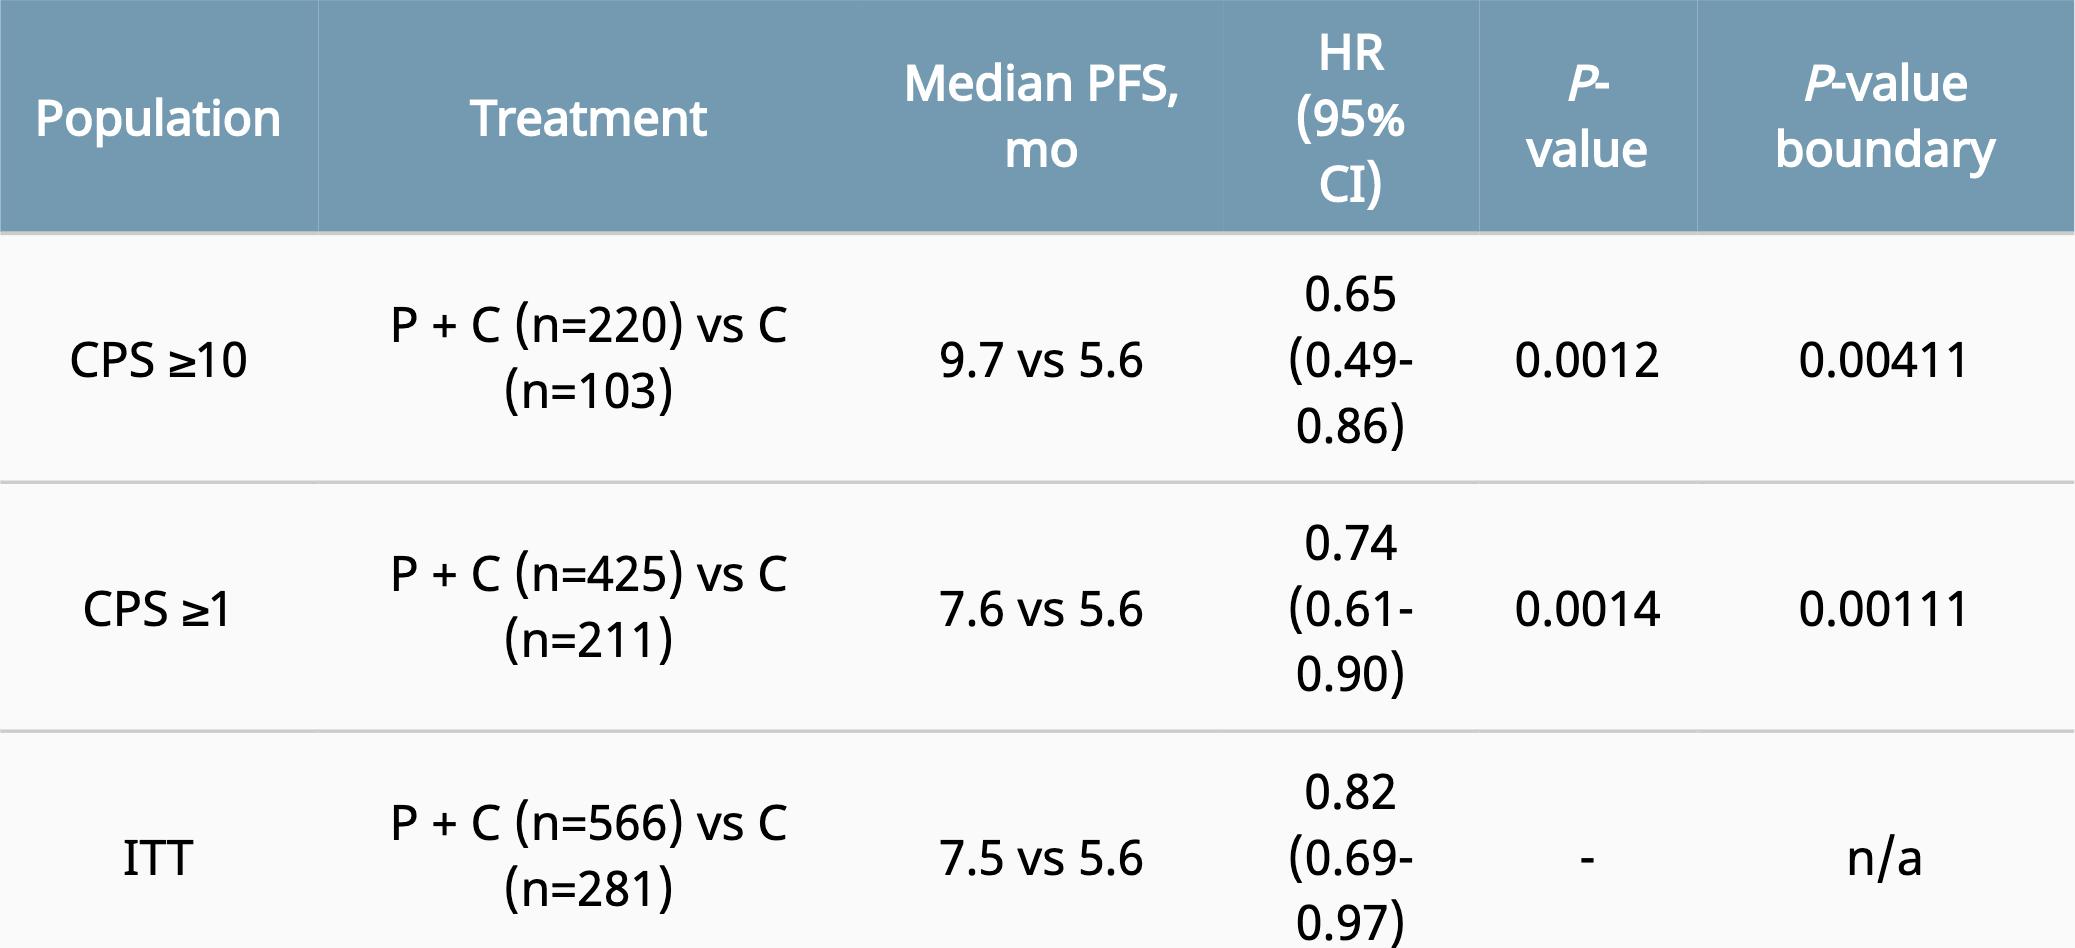 nct02819518 results 03 - «Китруда» разрешен для первоочередного лечения трижды негативного рака молочной железы